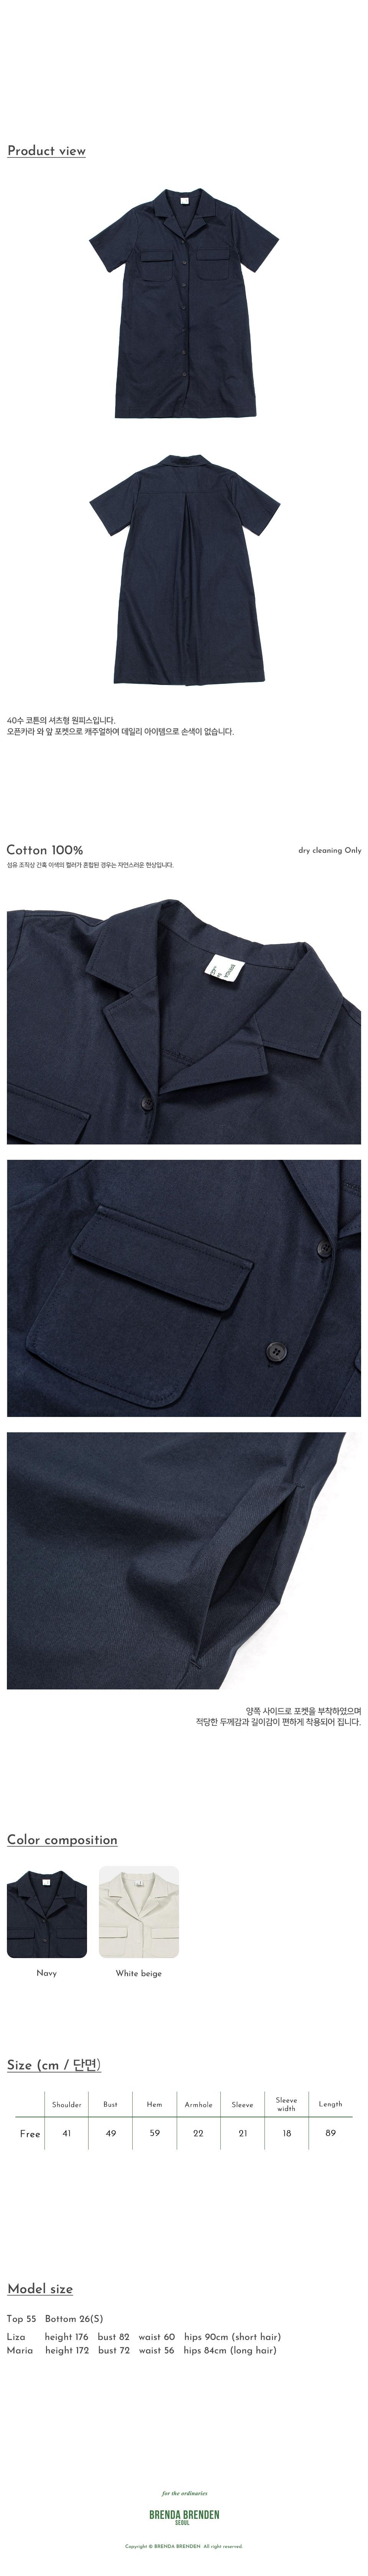 브렌다브렌든 서울(BRENDA BRENDEN SEOUL) Open collar onepiece-navy